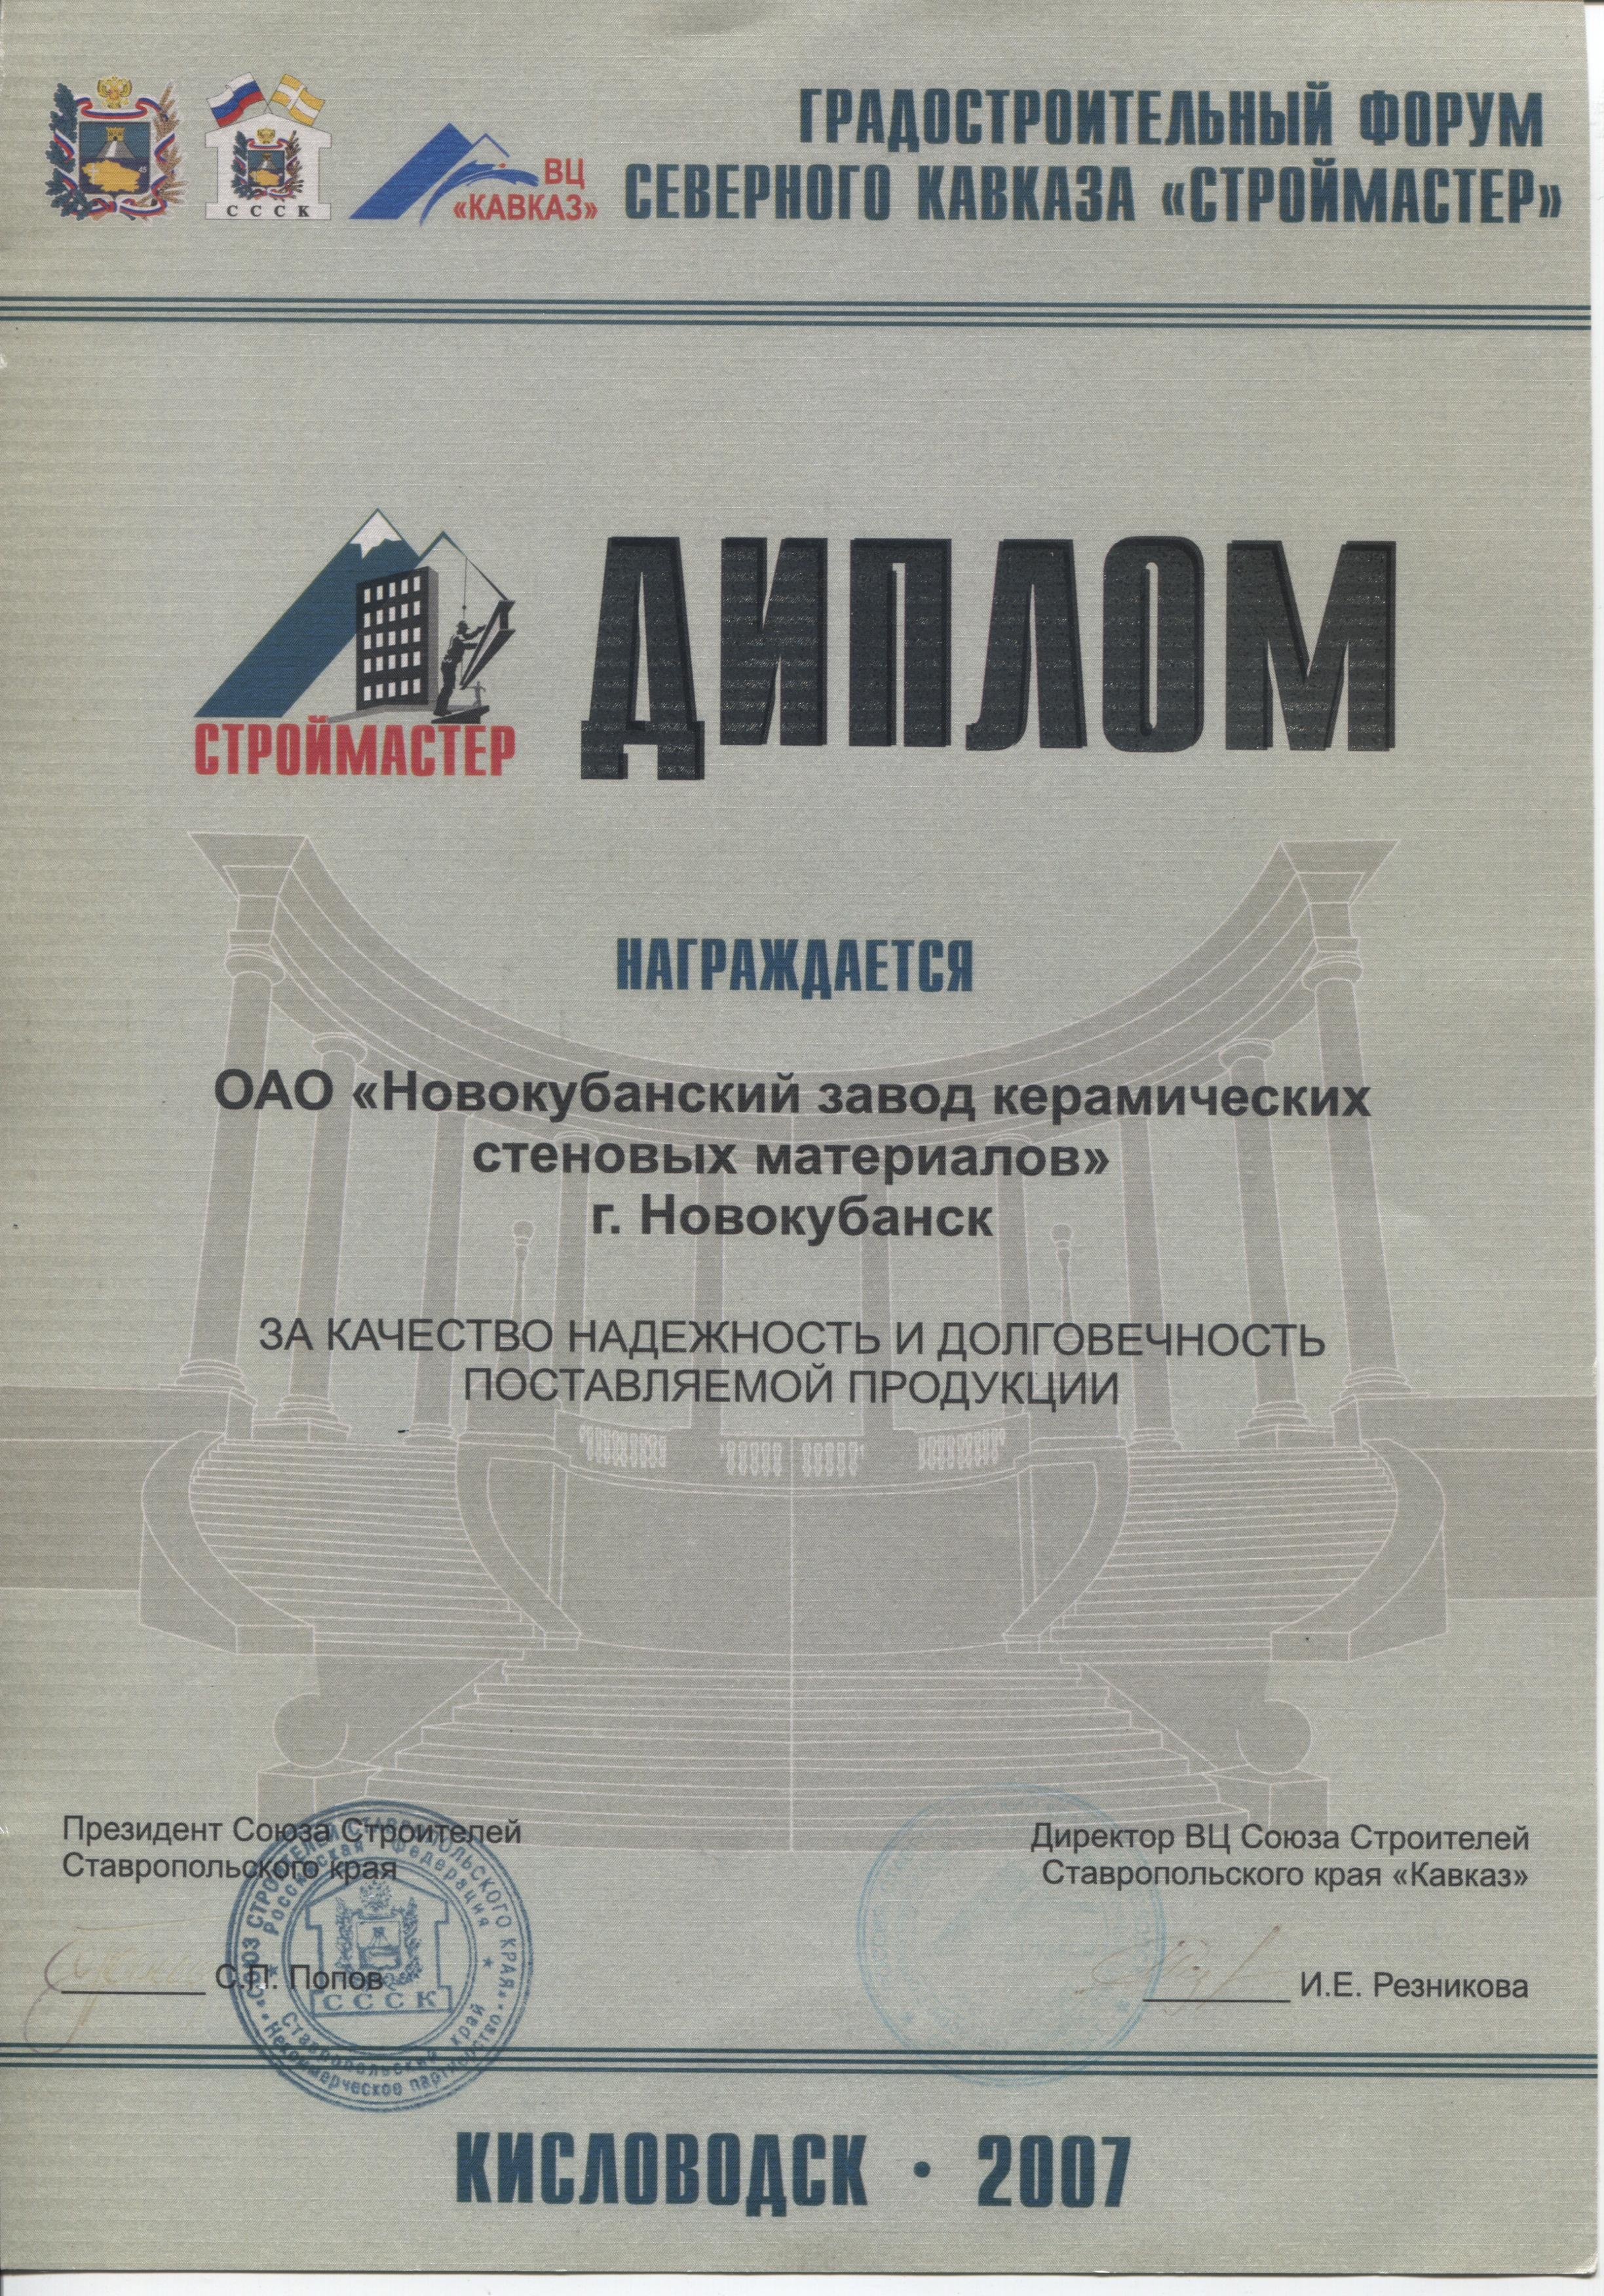 Новости ОАО НЗКСМ ОАО НЗКСМ  Диплом за качество надежность и долговечность